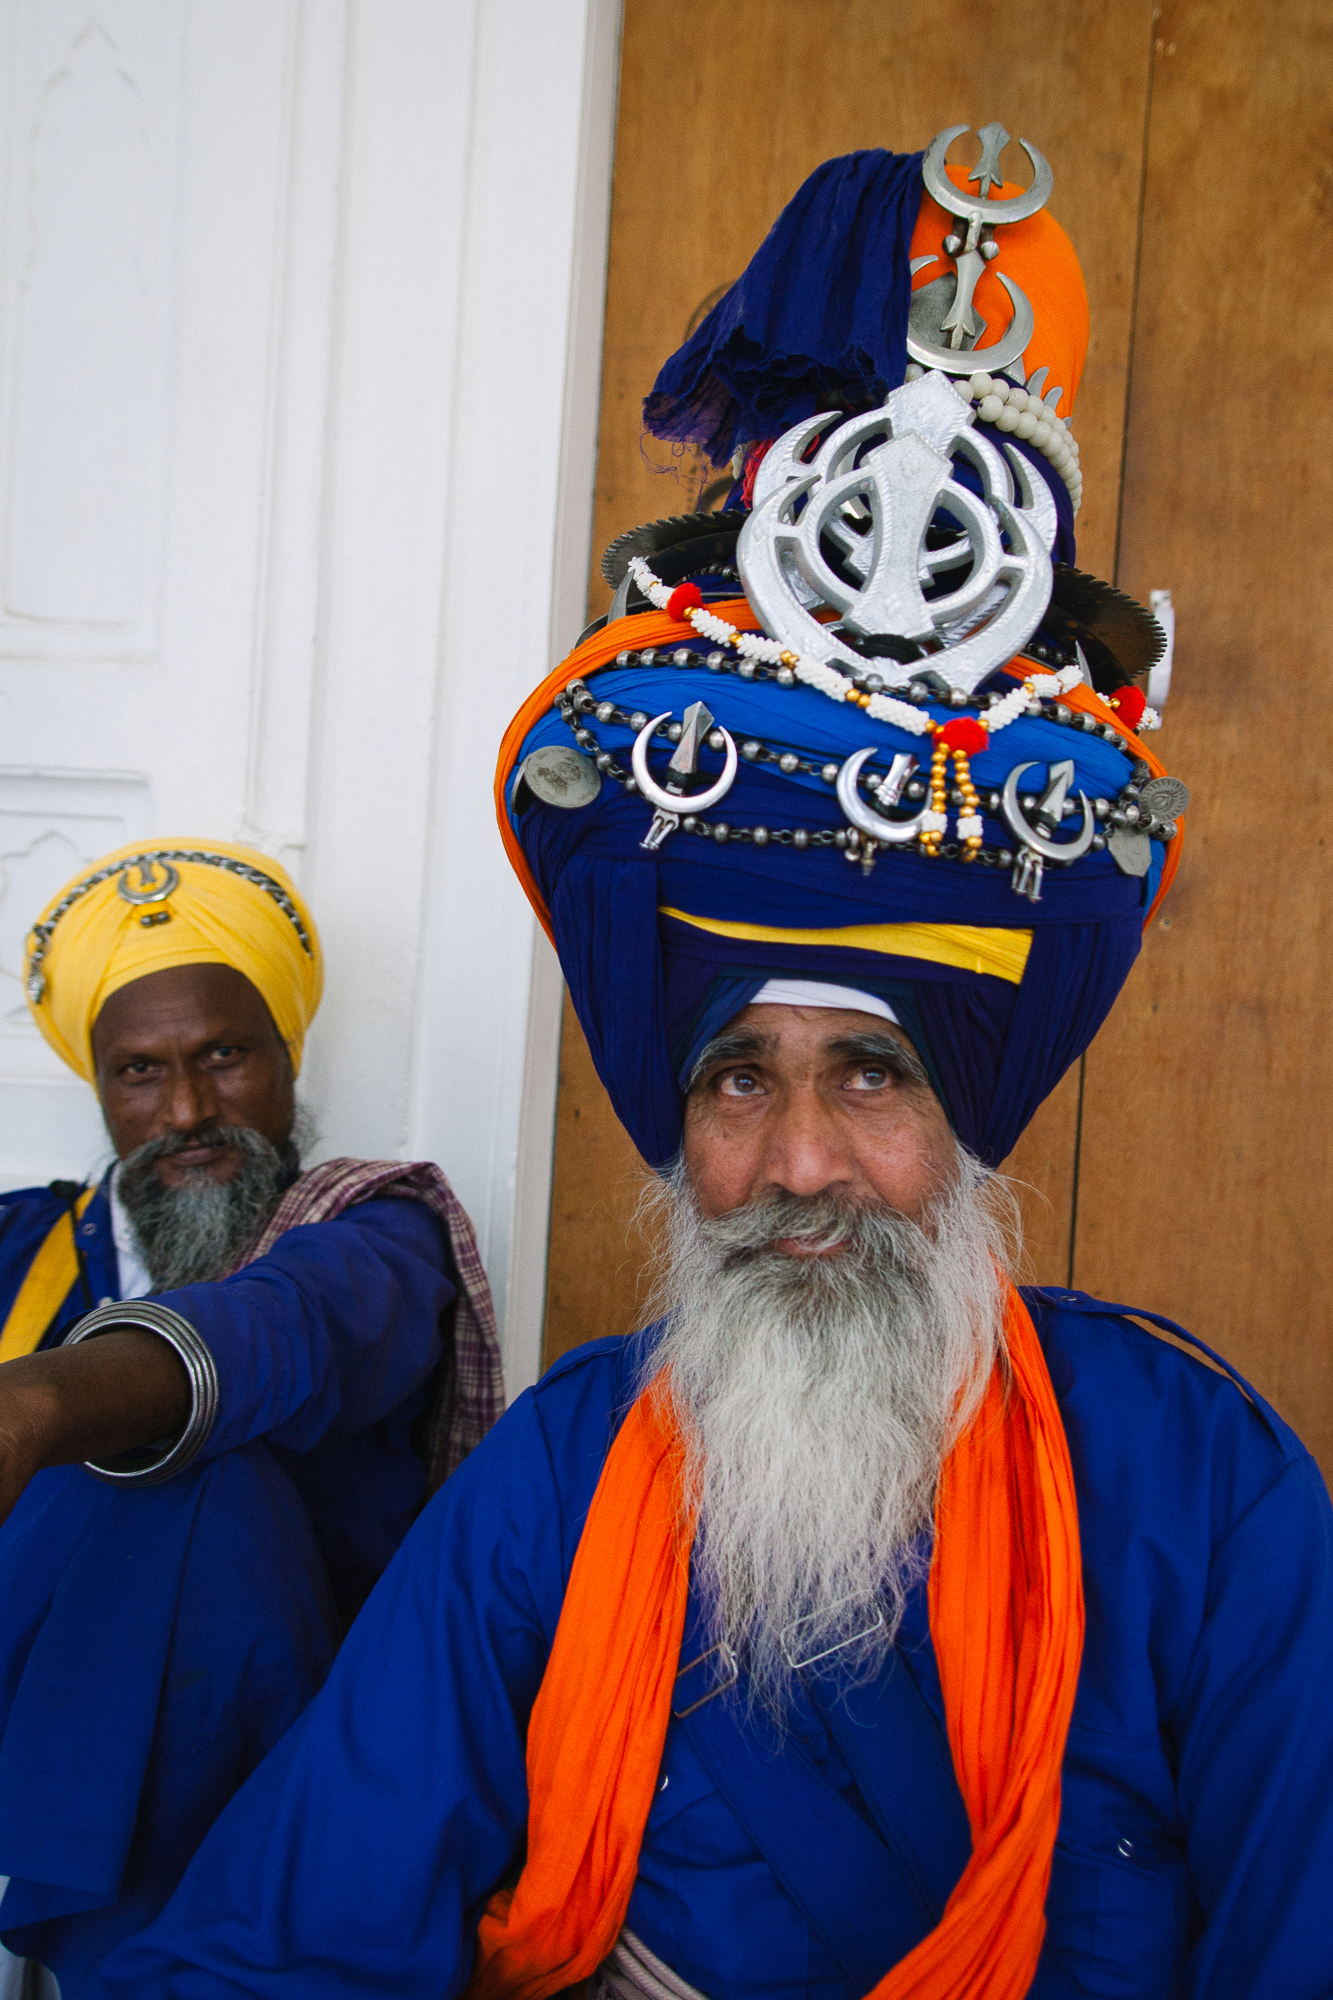 Au concours du plus grand turban....